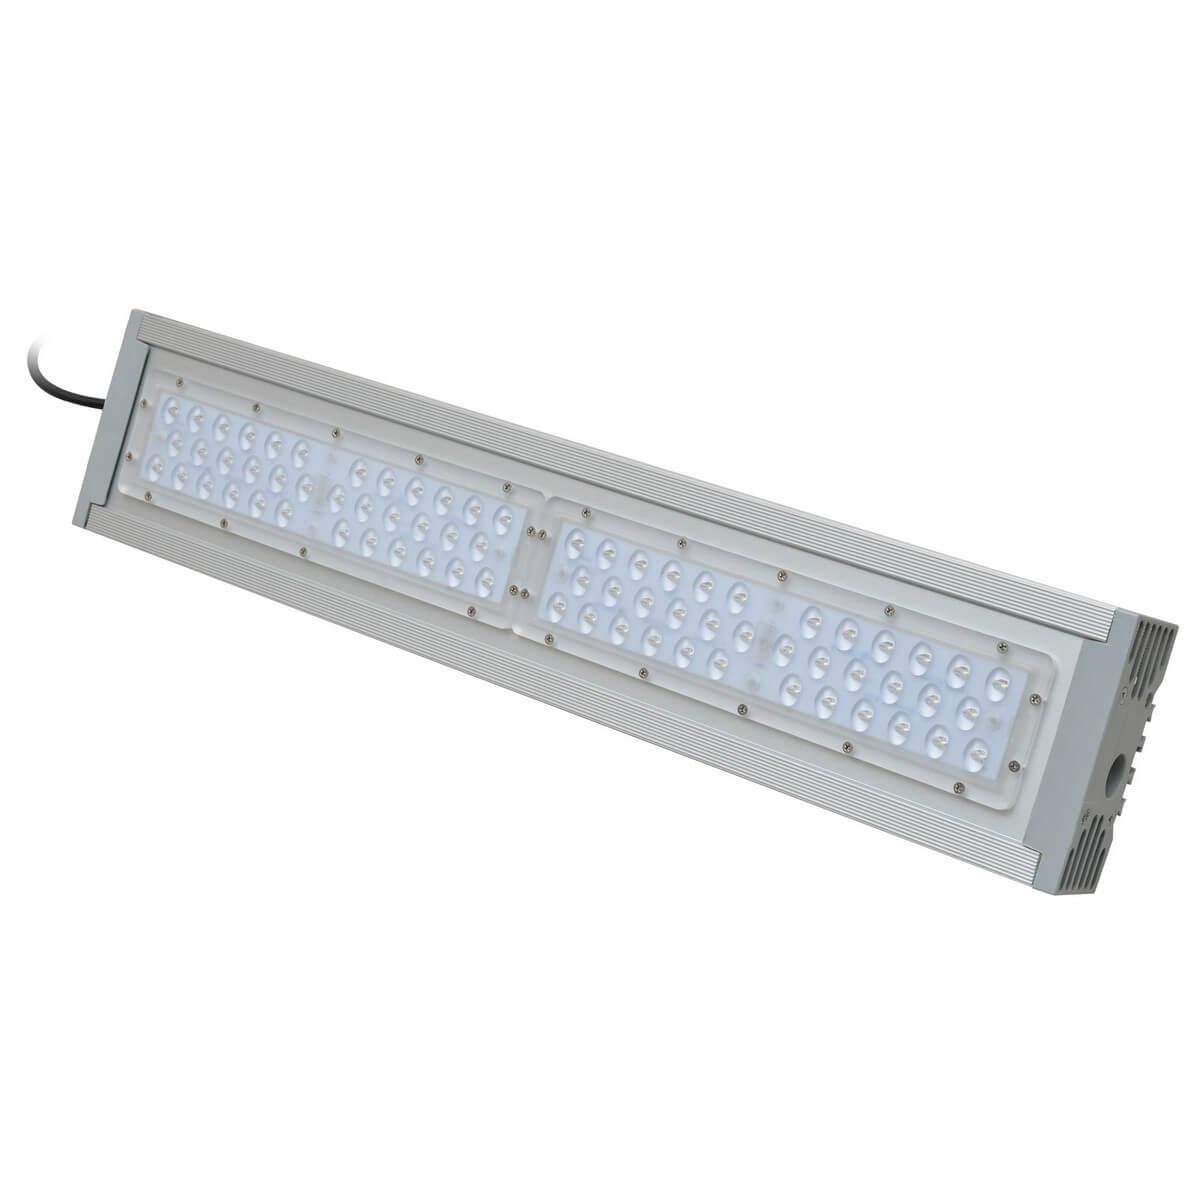 Уличный светодиодный светильник (UL-00004206) Uniel ULV-R24J-120W/5000К IP65 Silver уличный светодиодный светильник ul 00003301 uniel ulg r001 020 rgb ip65 ball